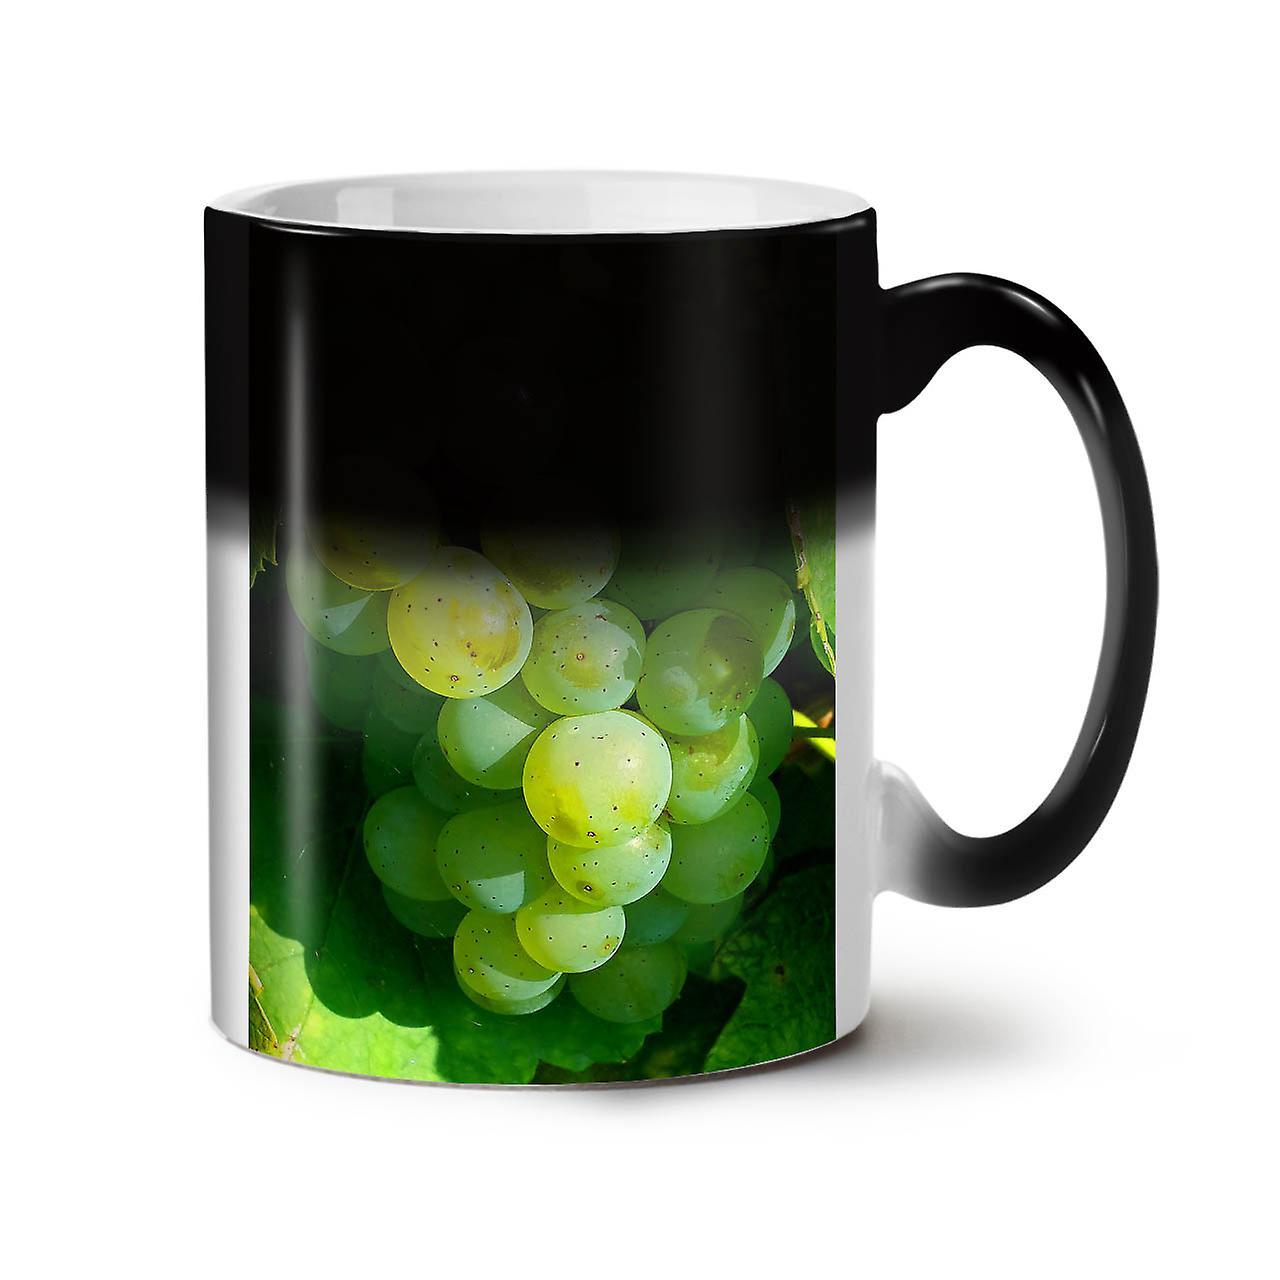 trauben wein foto essen neue schwarze farbe wechselnden tee kaffee keramik becher 11 oz. Black Bedroom Furniture Sets. Home Design Ideas